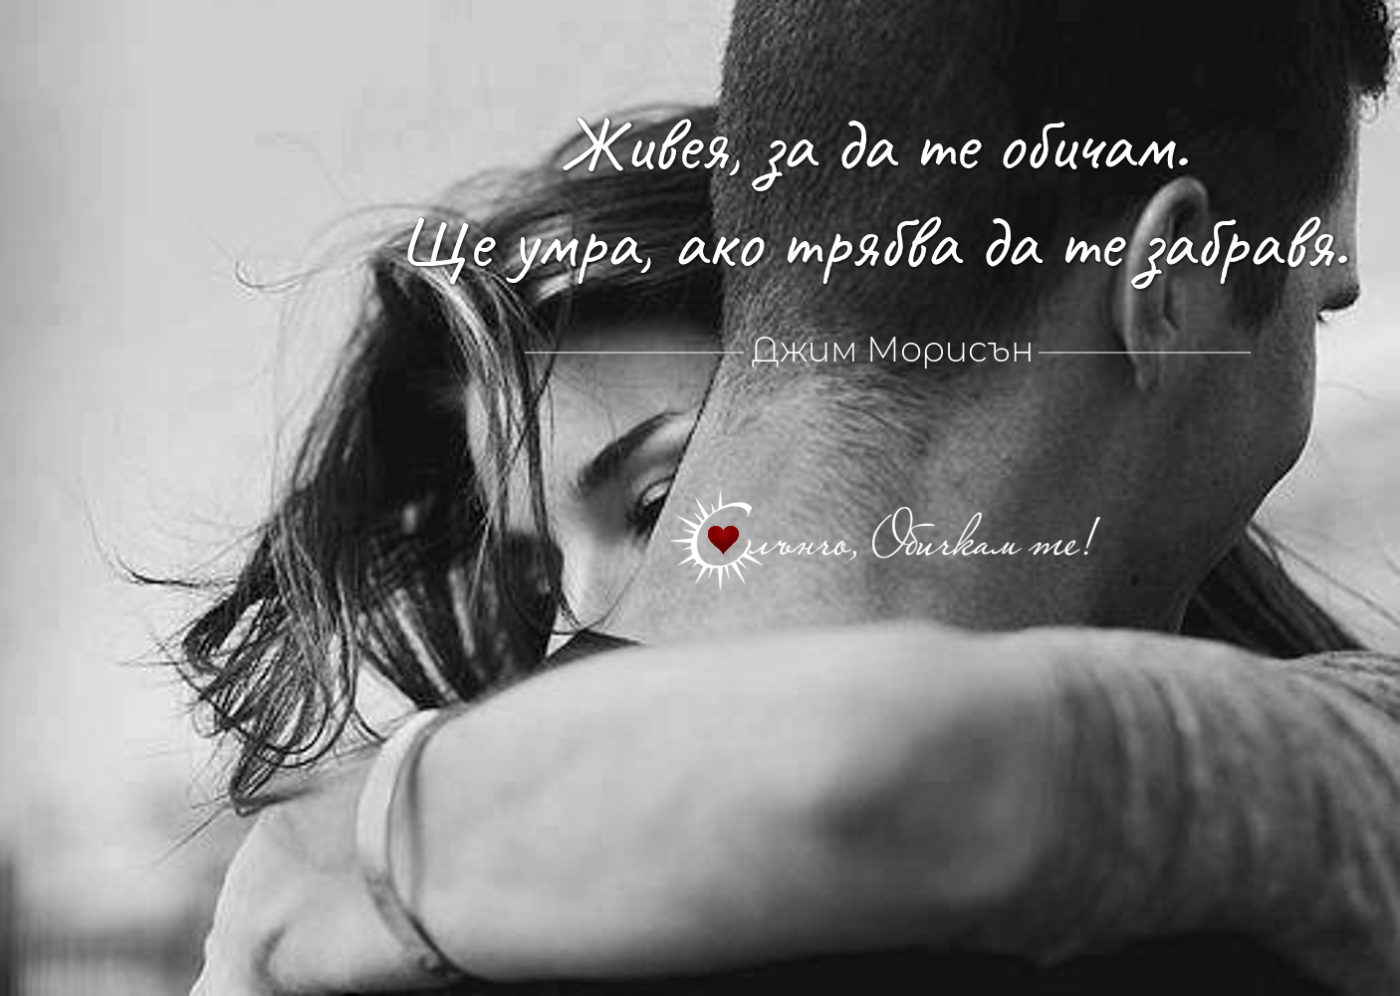 Живея за да те обичам. Ще умра, ако трябва да те забравя... Любов, Любовни мисли, любовни статуси, любовни цитати, за любовта, слънчо обичкам те, обичам те, статуси за любовта, забрава, раздяла, несподелена любов, невъзможна любов, истинска любов